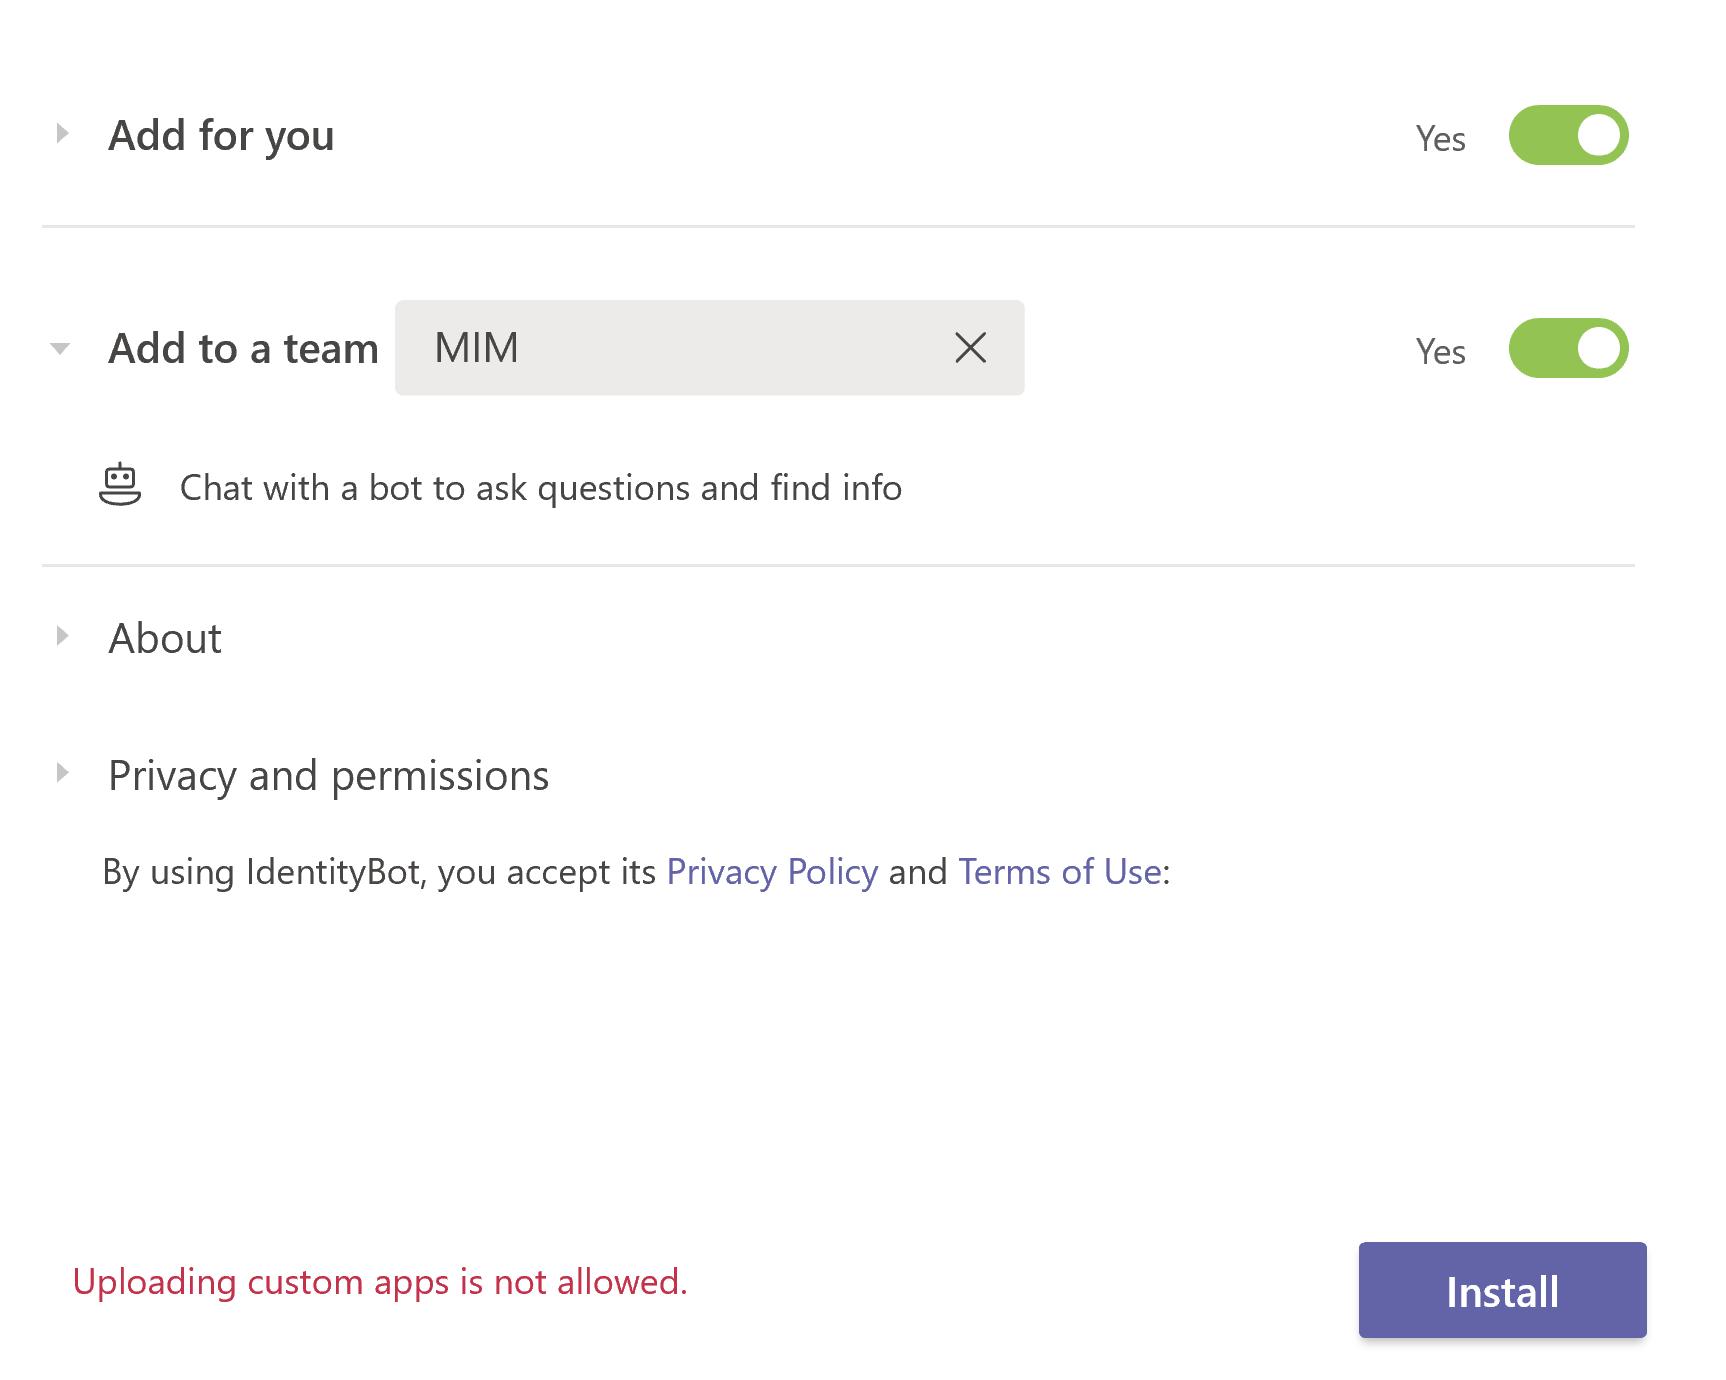 Uploading Custom Apps is not allowed